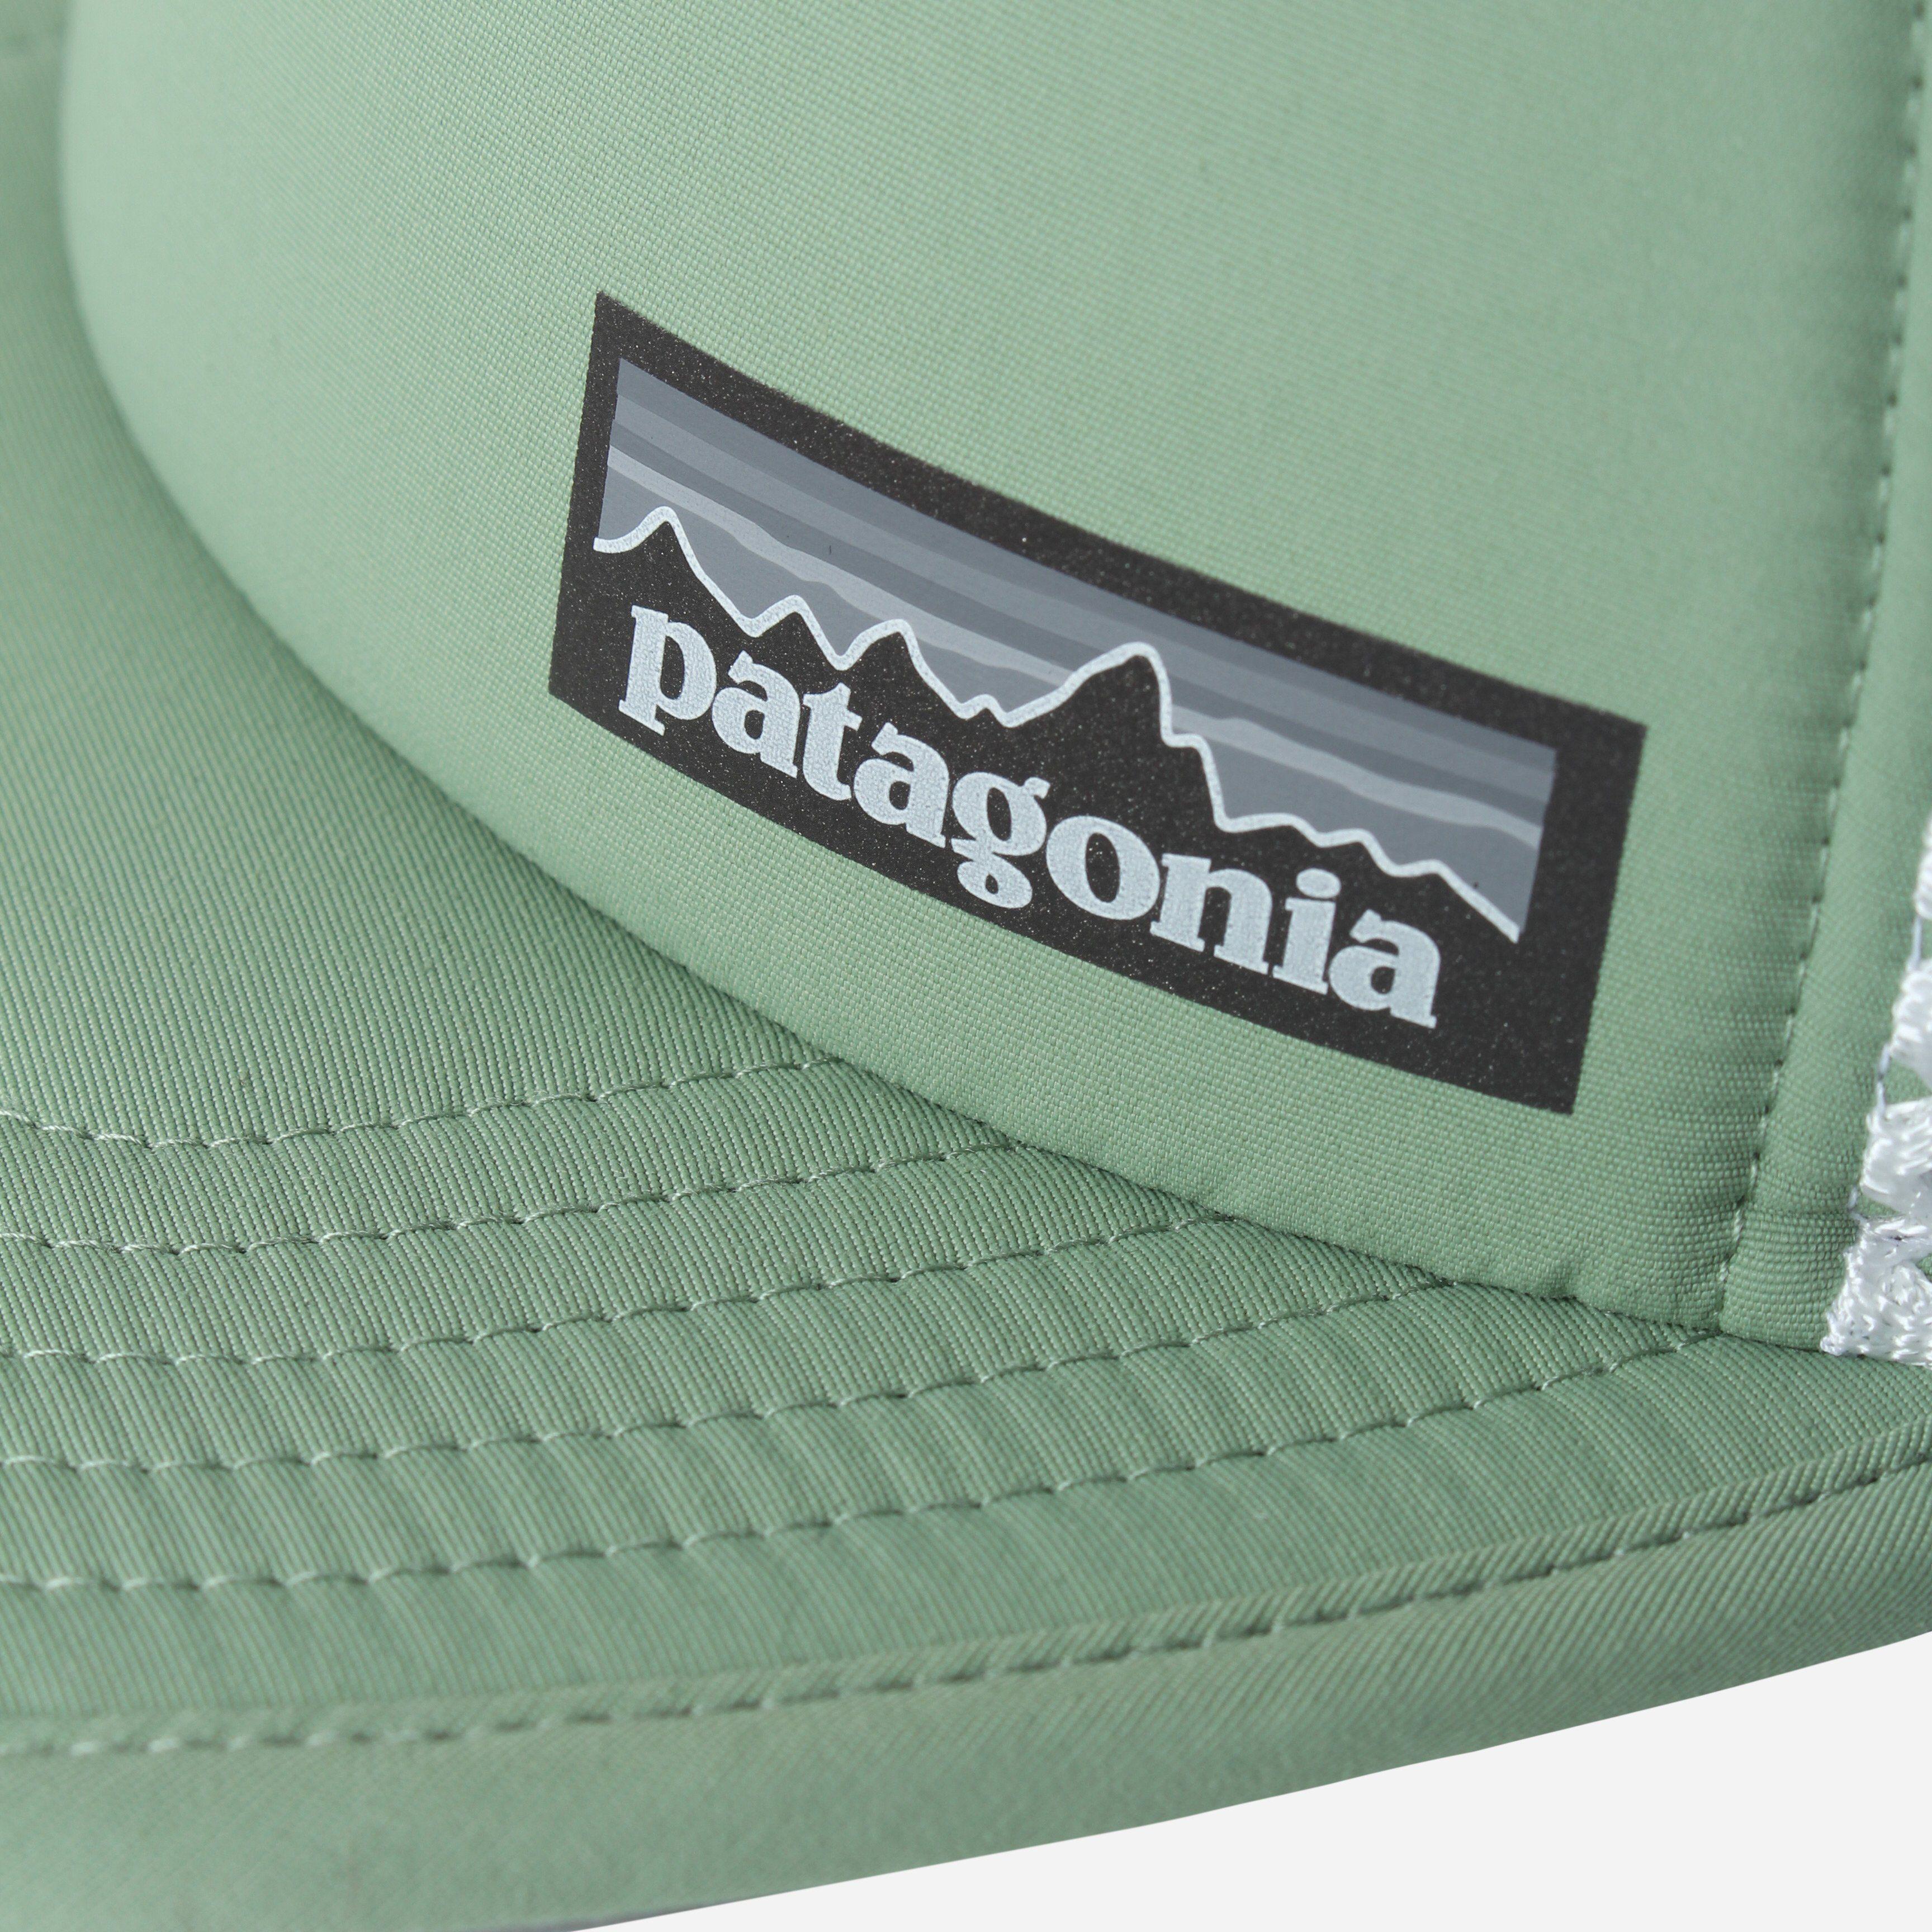 Patagonia Duckbill Trucker Cap